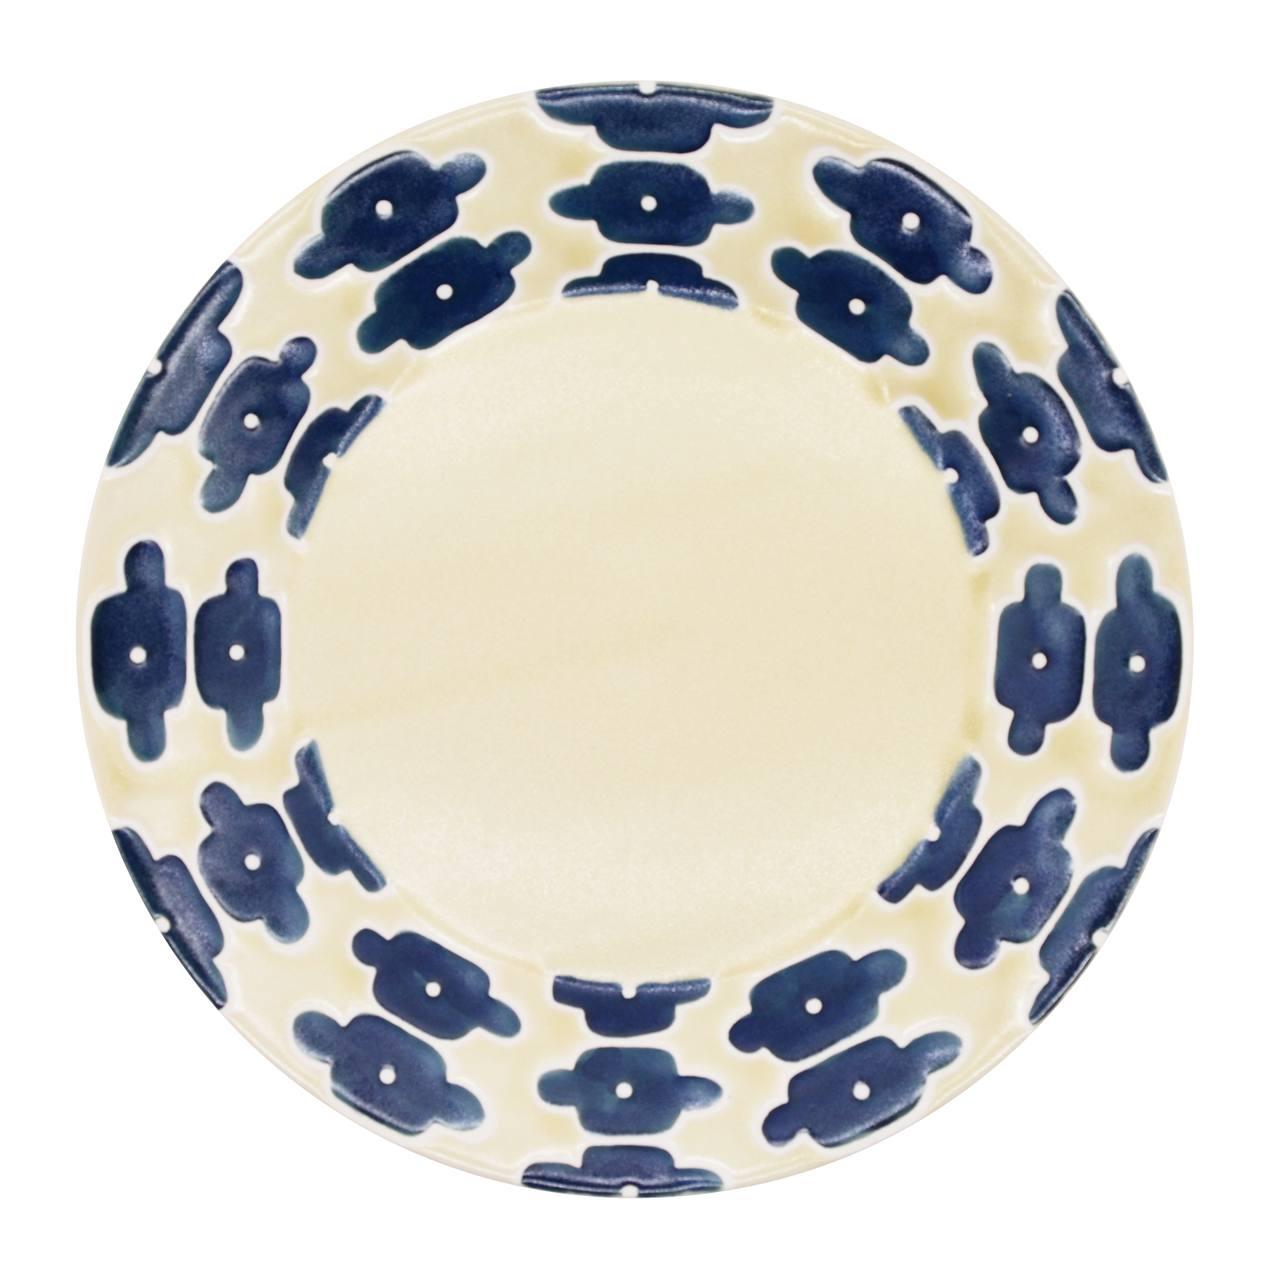 砥部焼 すこし屋 プレート 皿 約27cm インディゴフラワー 229005